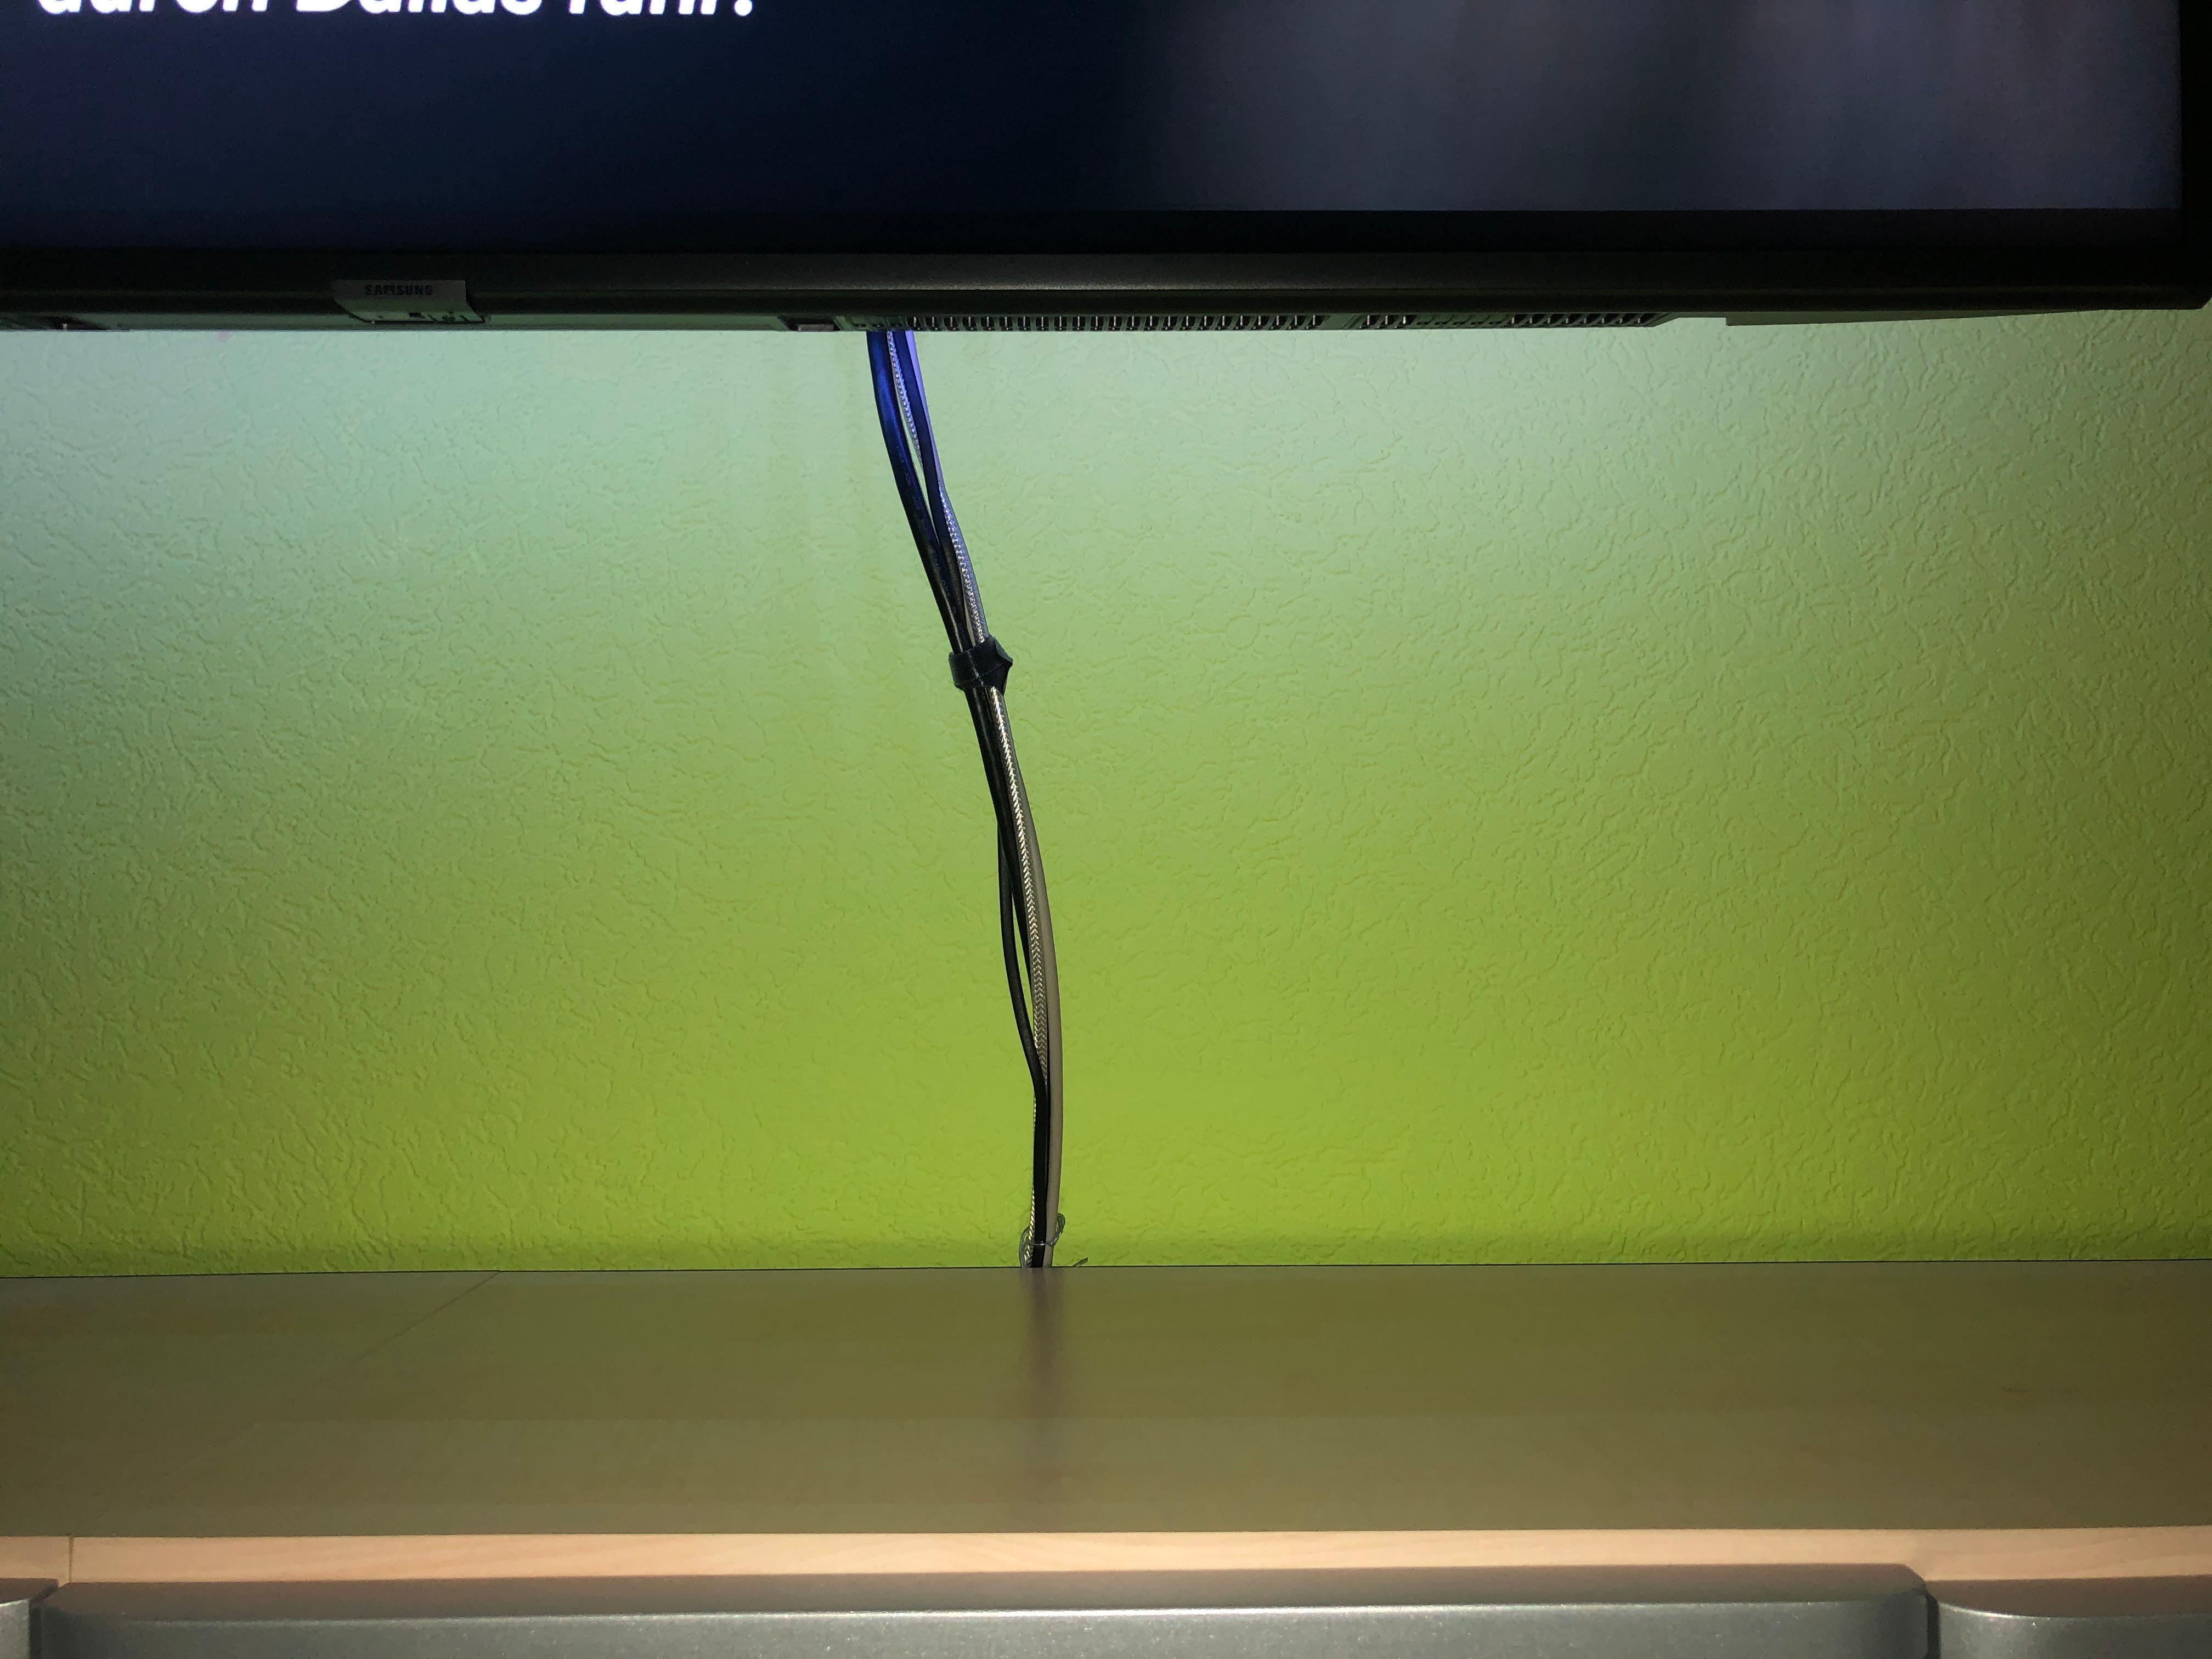 Wie Kabel Zum Fernseher Verstecken Computer Technik Technologie